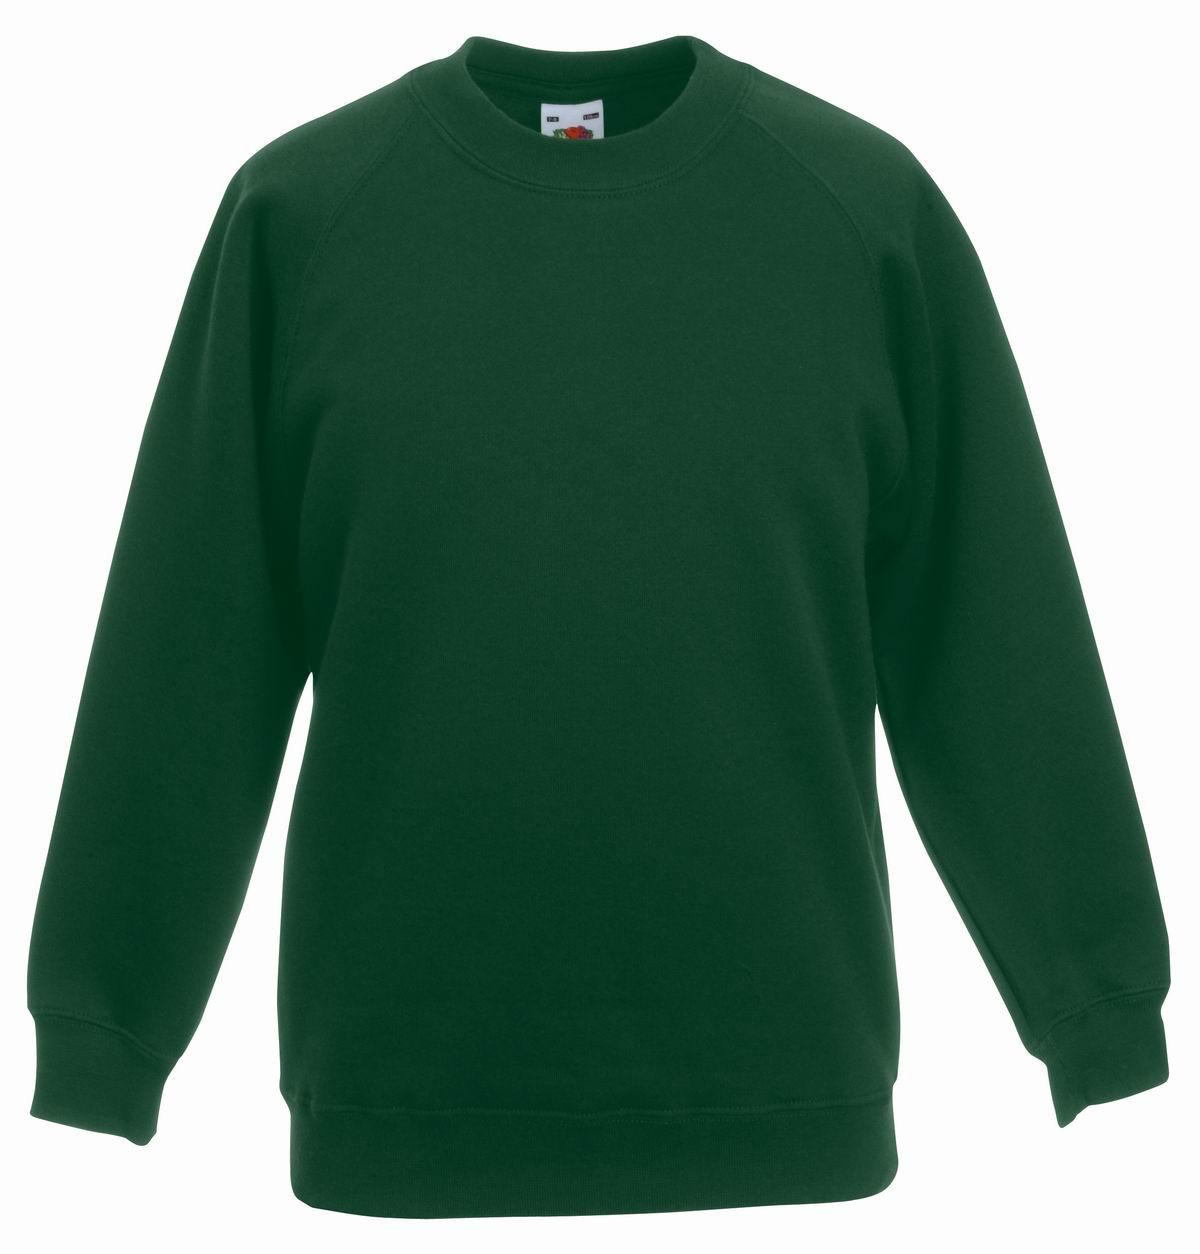 Толстовка детская Classic Kids Raglan Sweat, рост 140 (9-11лет), Тёмно-зелёный (бутылочный)